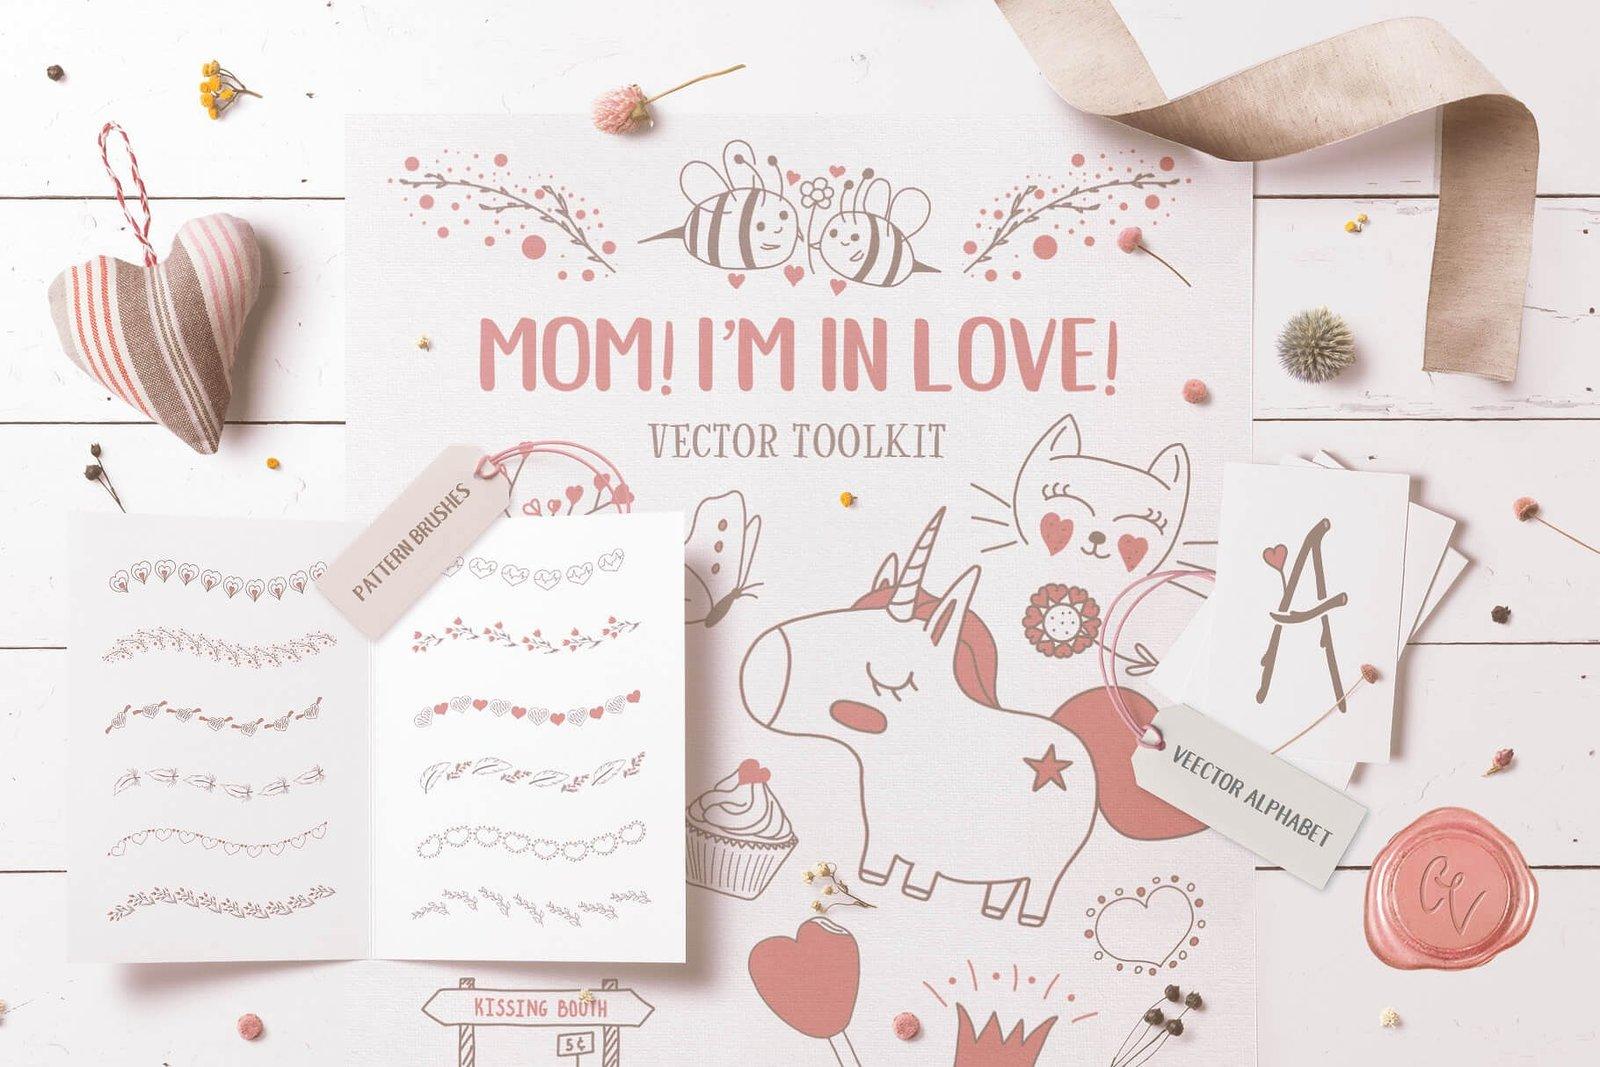 Mom! I'm in Love! Vector Set